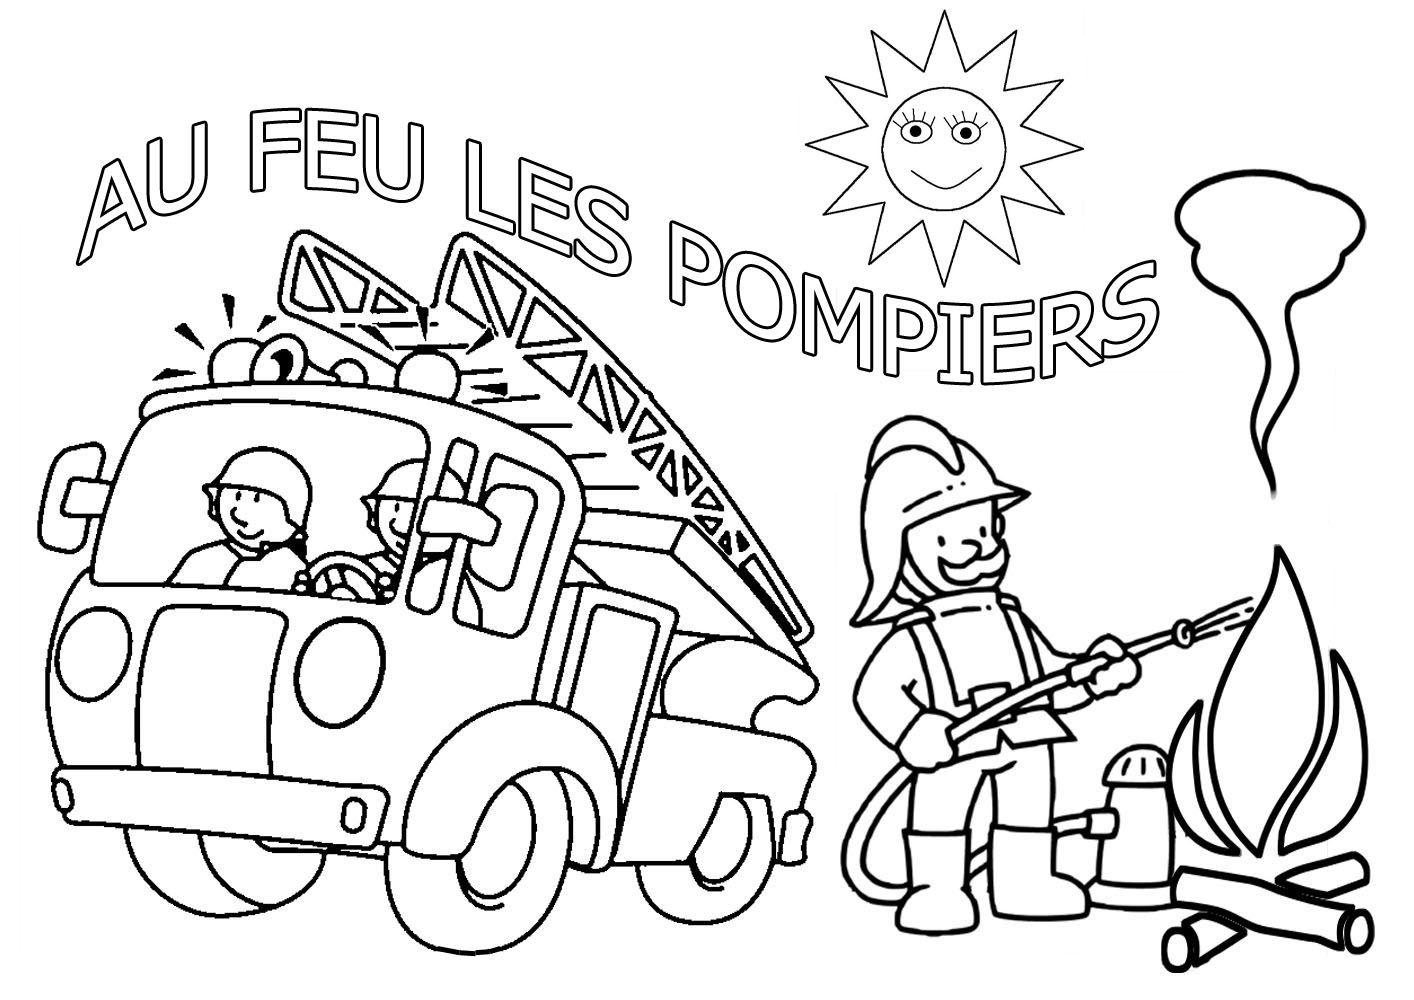 Coloriage Helicoptere Sam Le Pompier  colorier Dessin  imprimer